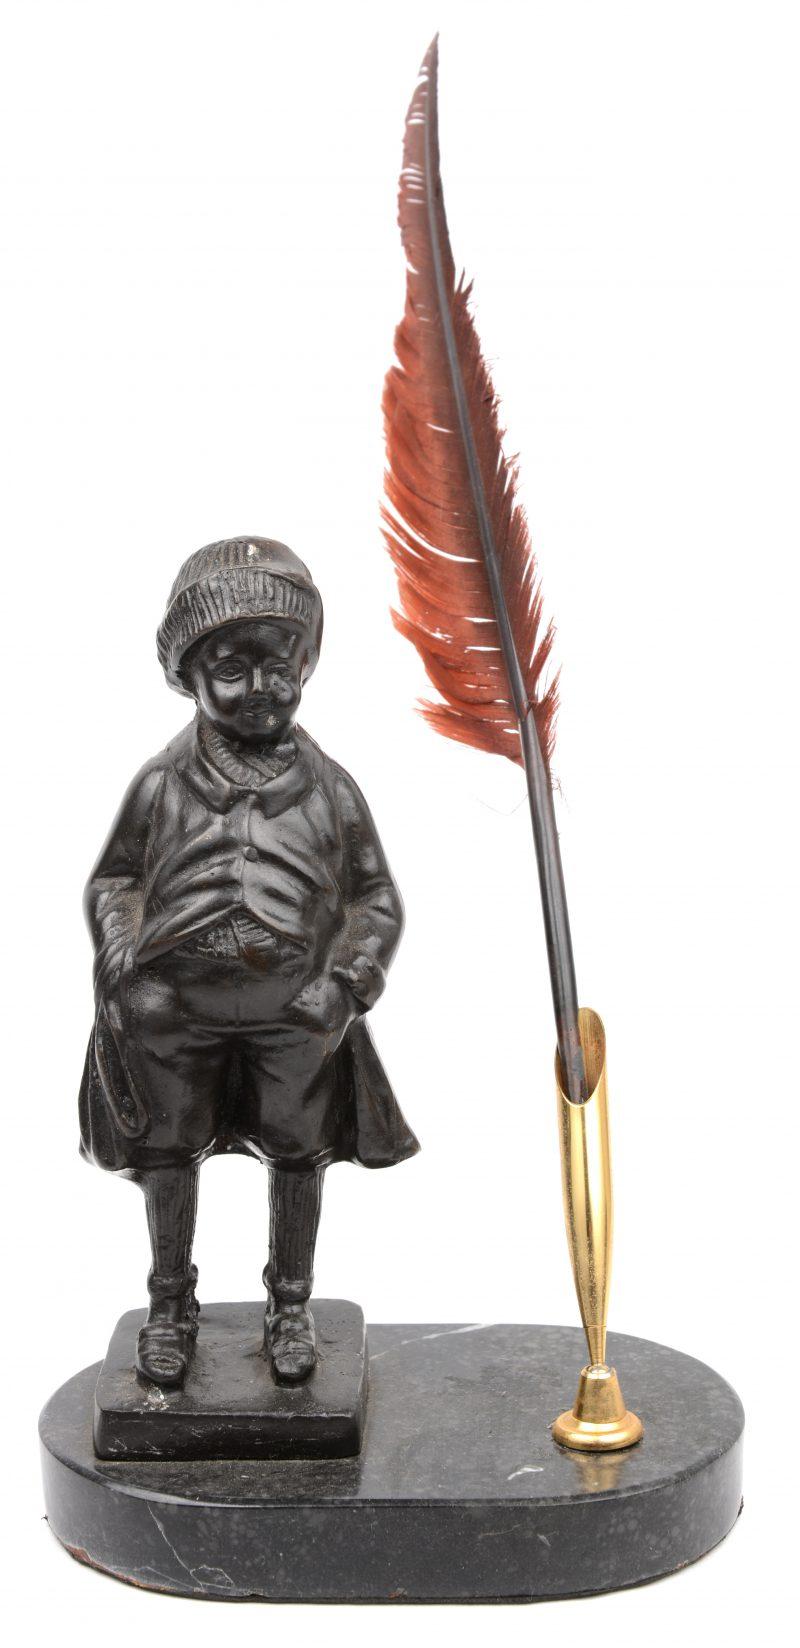 Een pennenhouder, getooid met een bronzen beeldje en op een granieten sokkel.